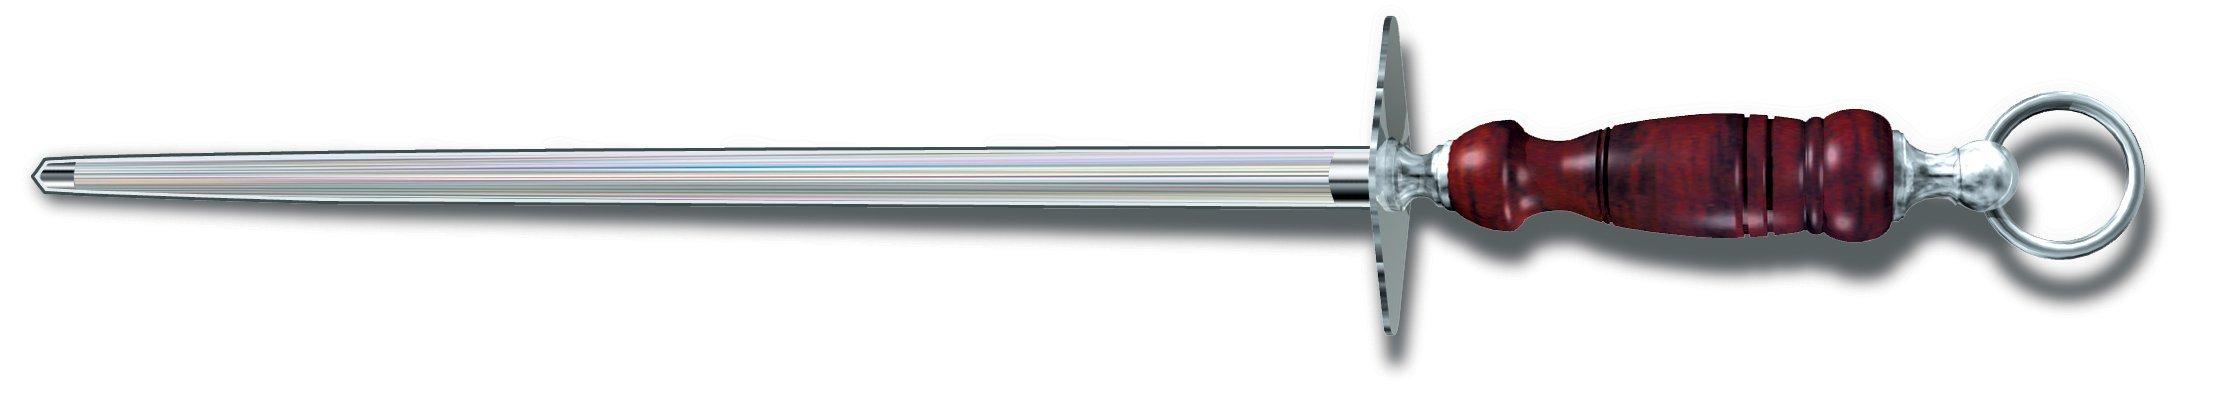 Victorinox Honing Steel 14-Inch Round Fine Cut, Dark Wood Handle